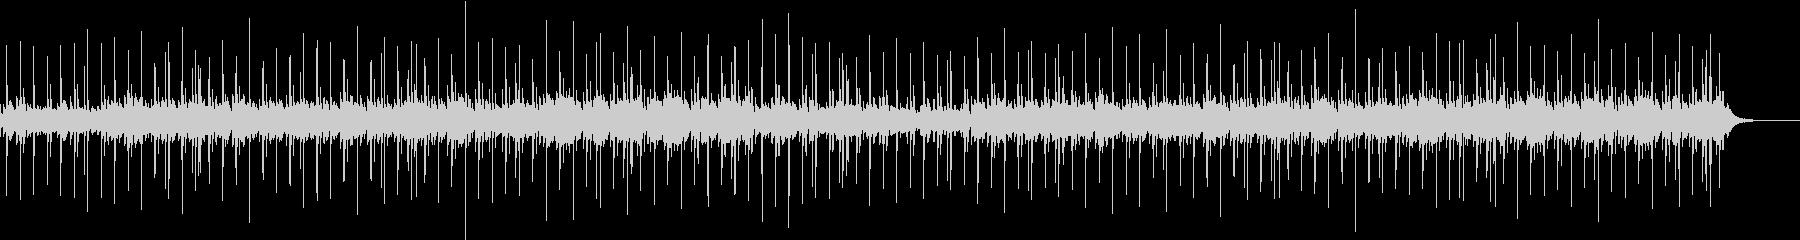 透明感のあるウクレレ生演奏ヒーリングの未再生の波形